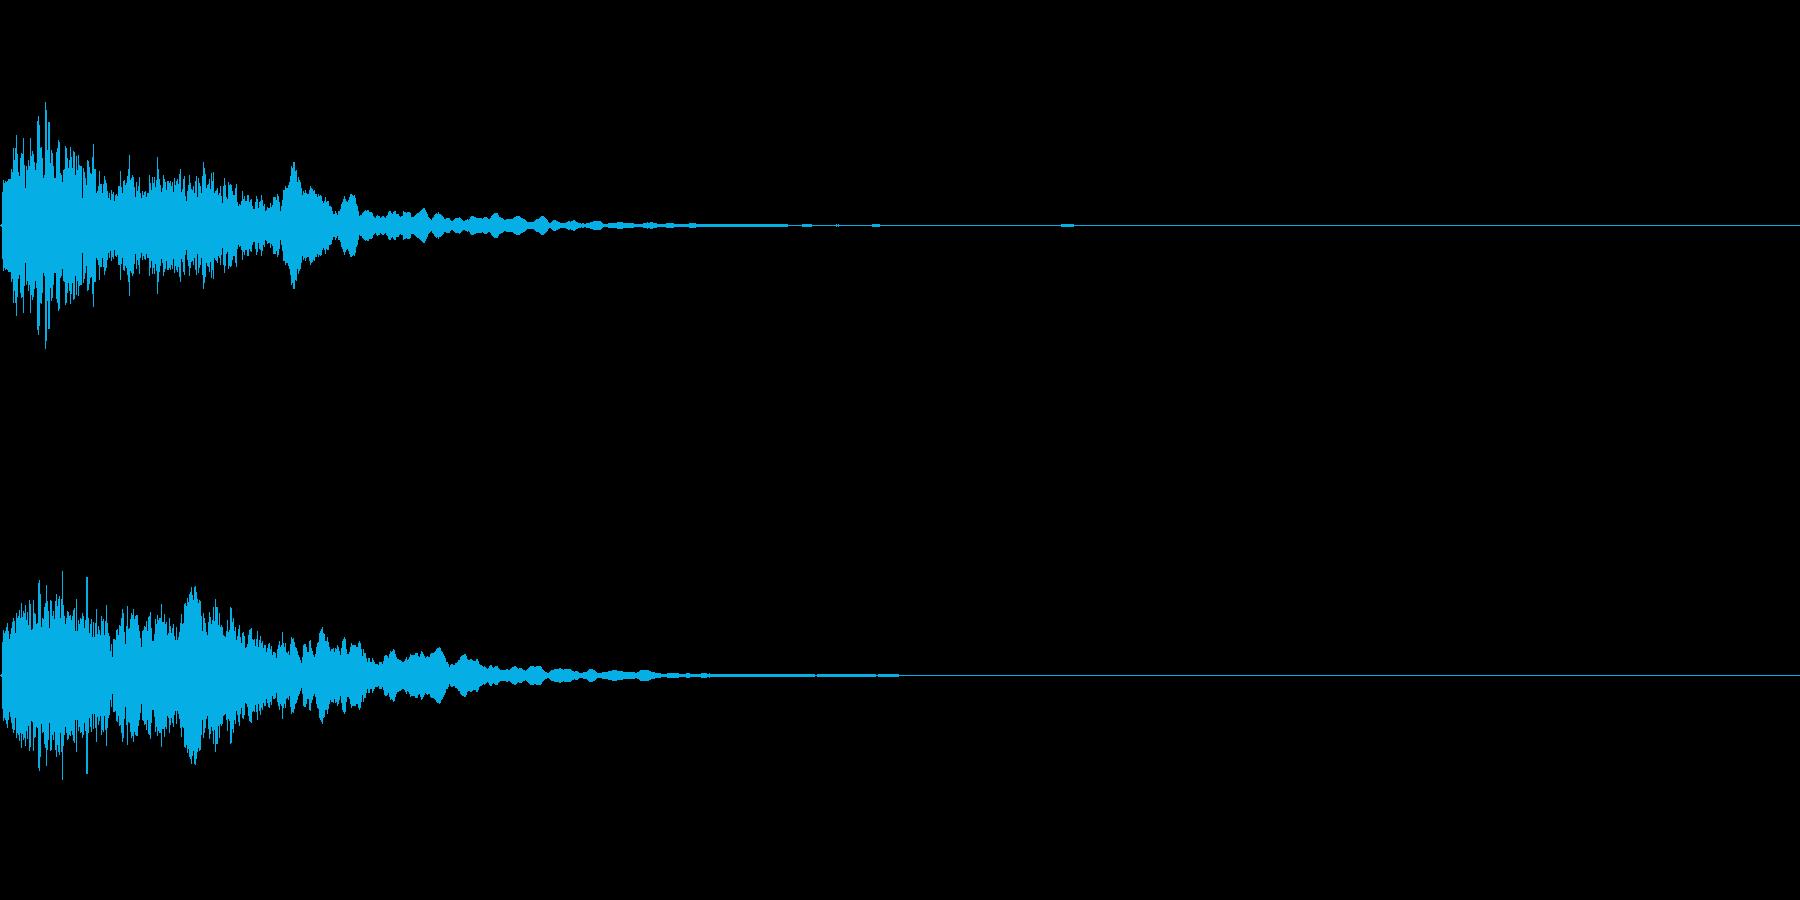 キュイーン:光るイメージの再生済みの波形